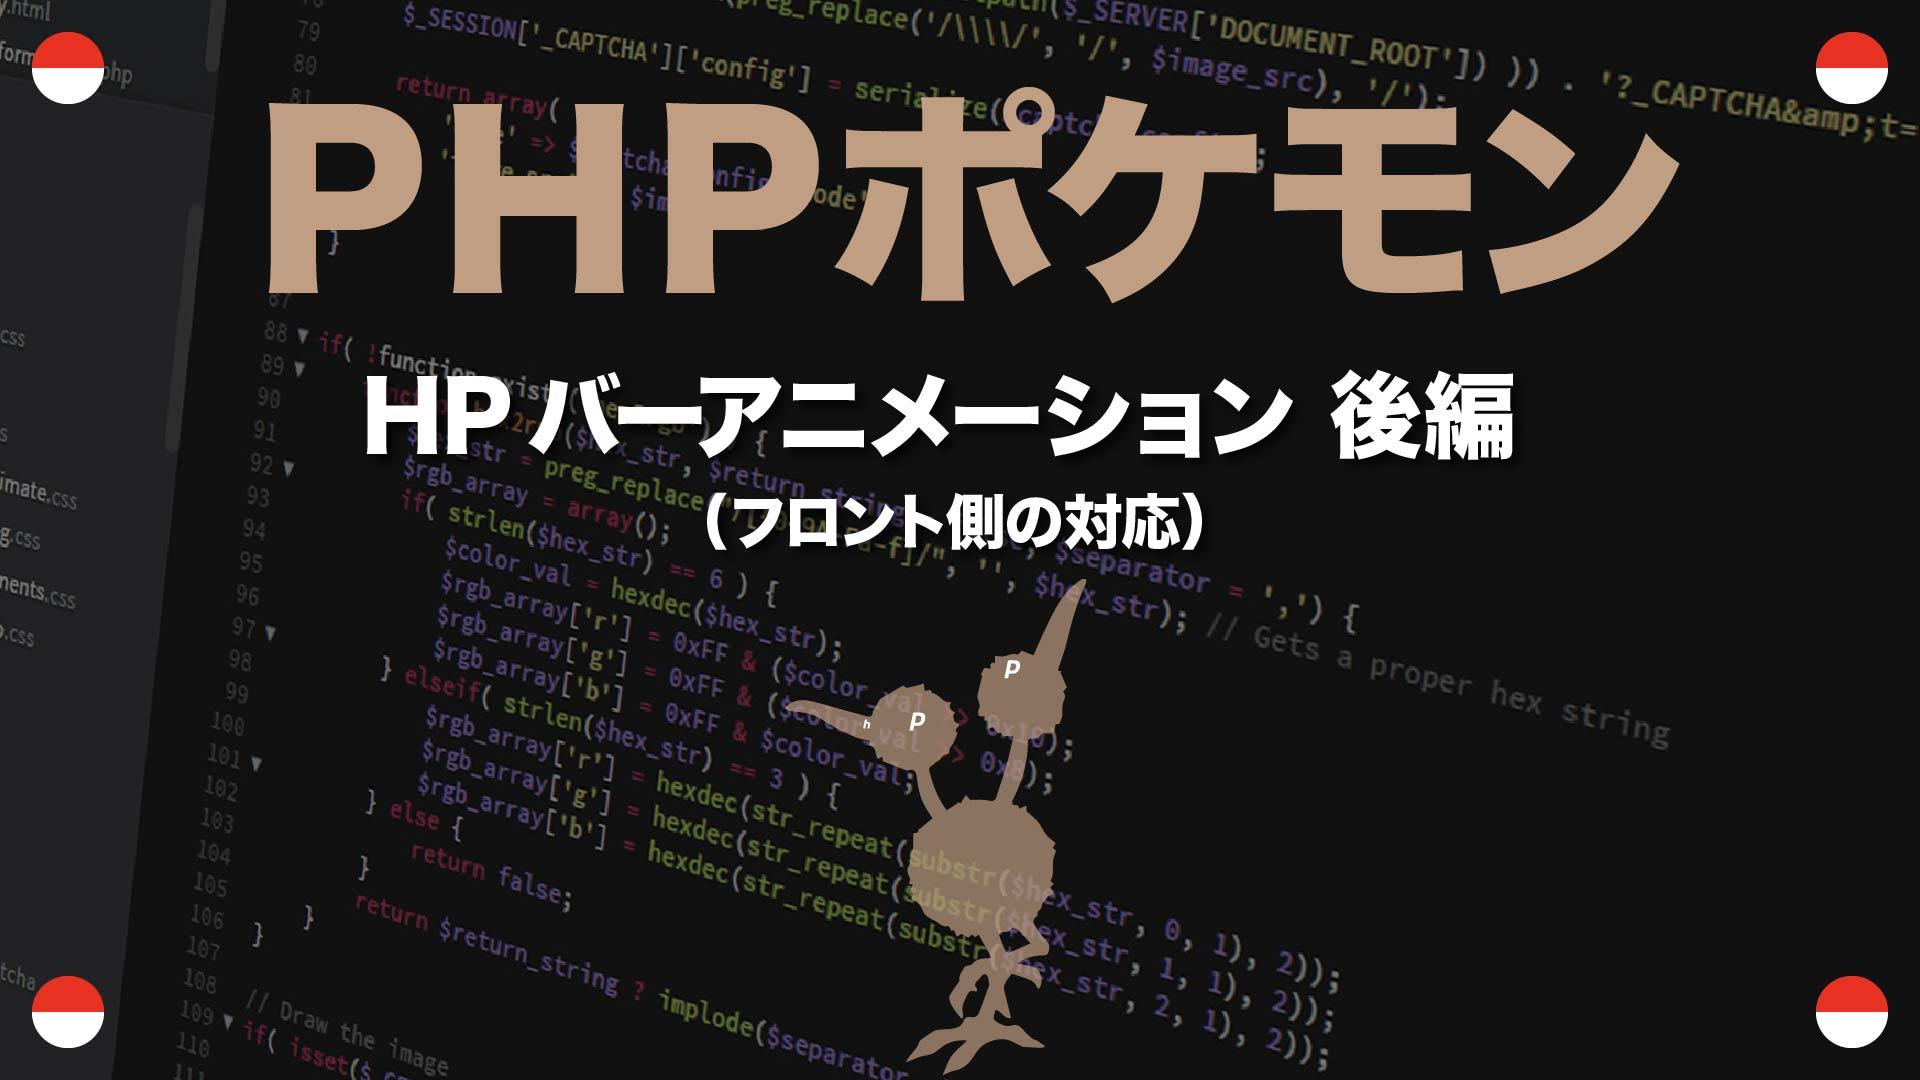 HPバーアニメーション 後編 フロント側の対応 PHPポケモン 44